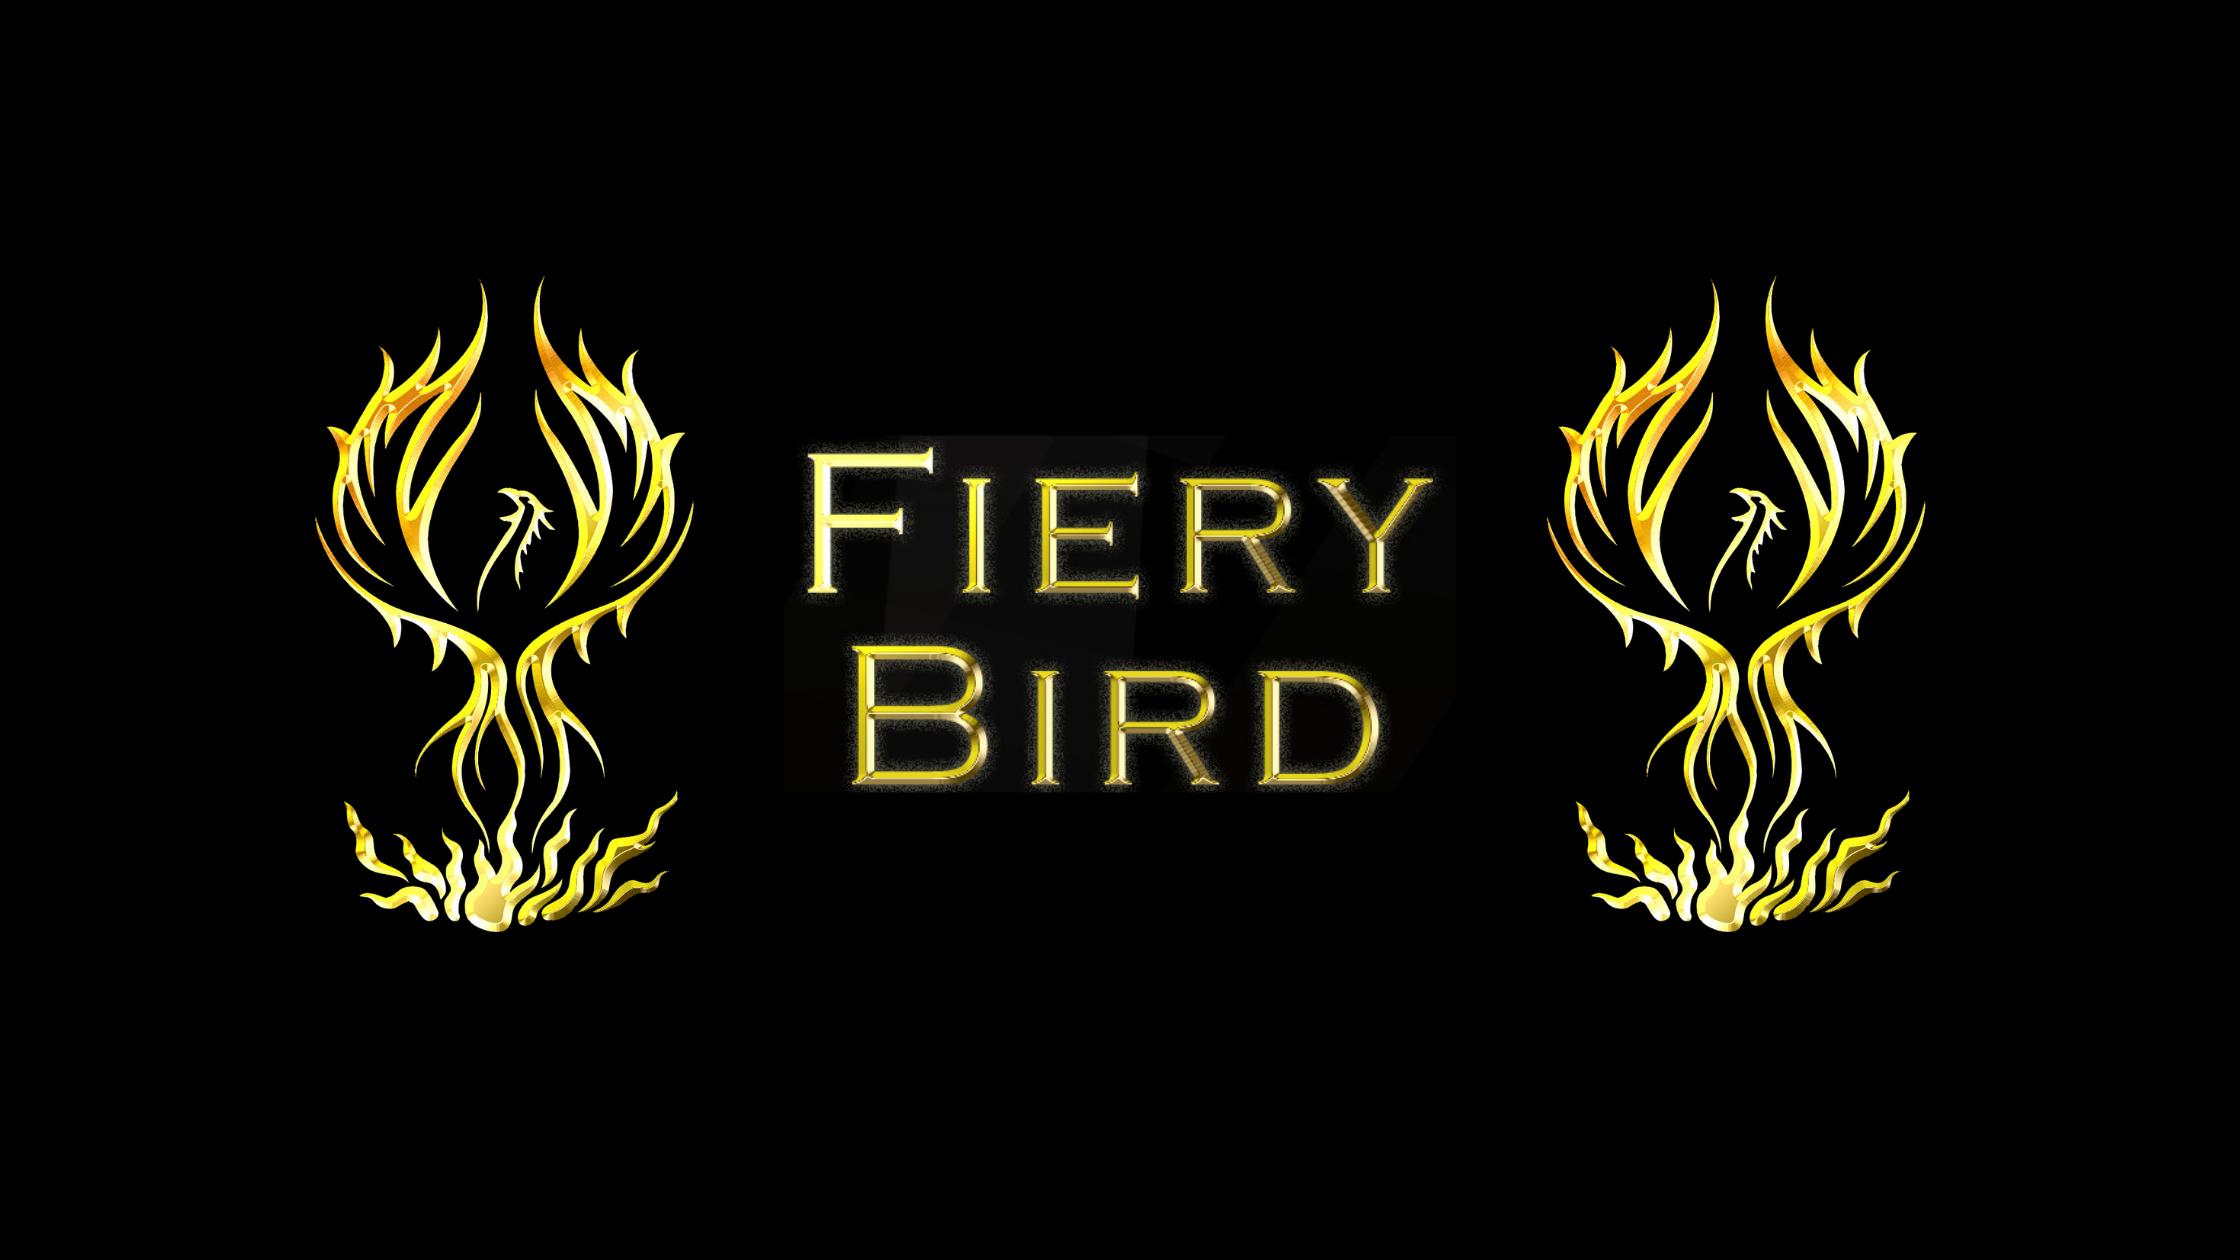 black-fiery-bird-logo-banner.png